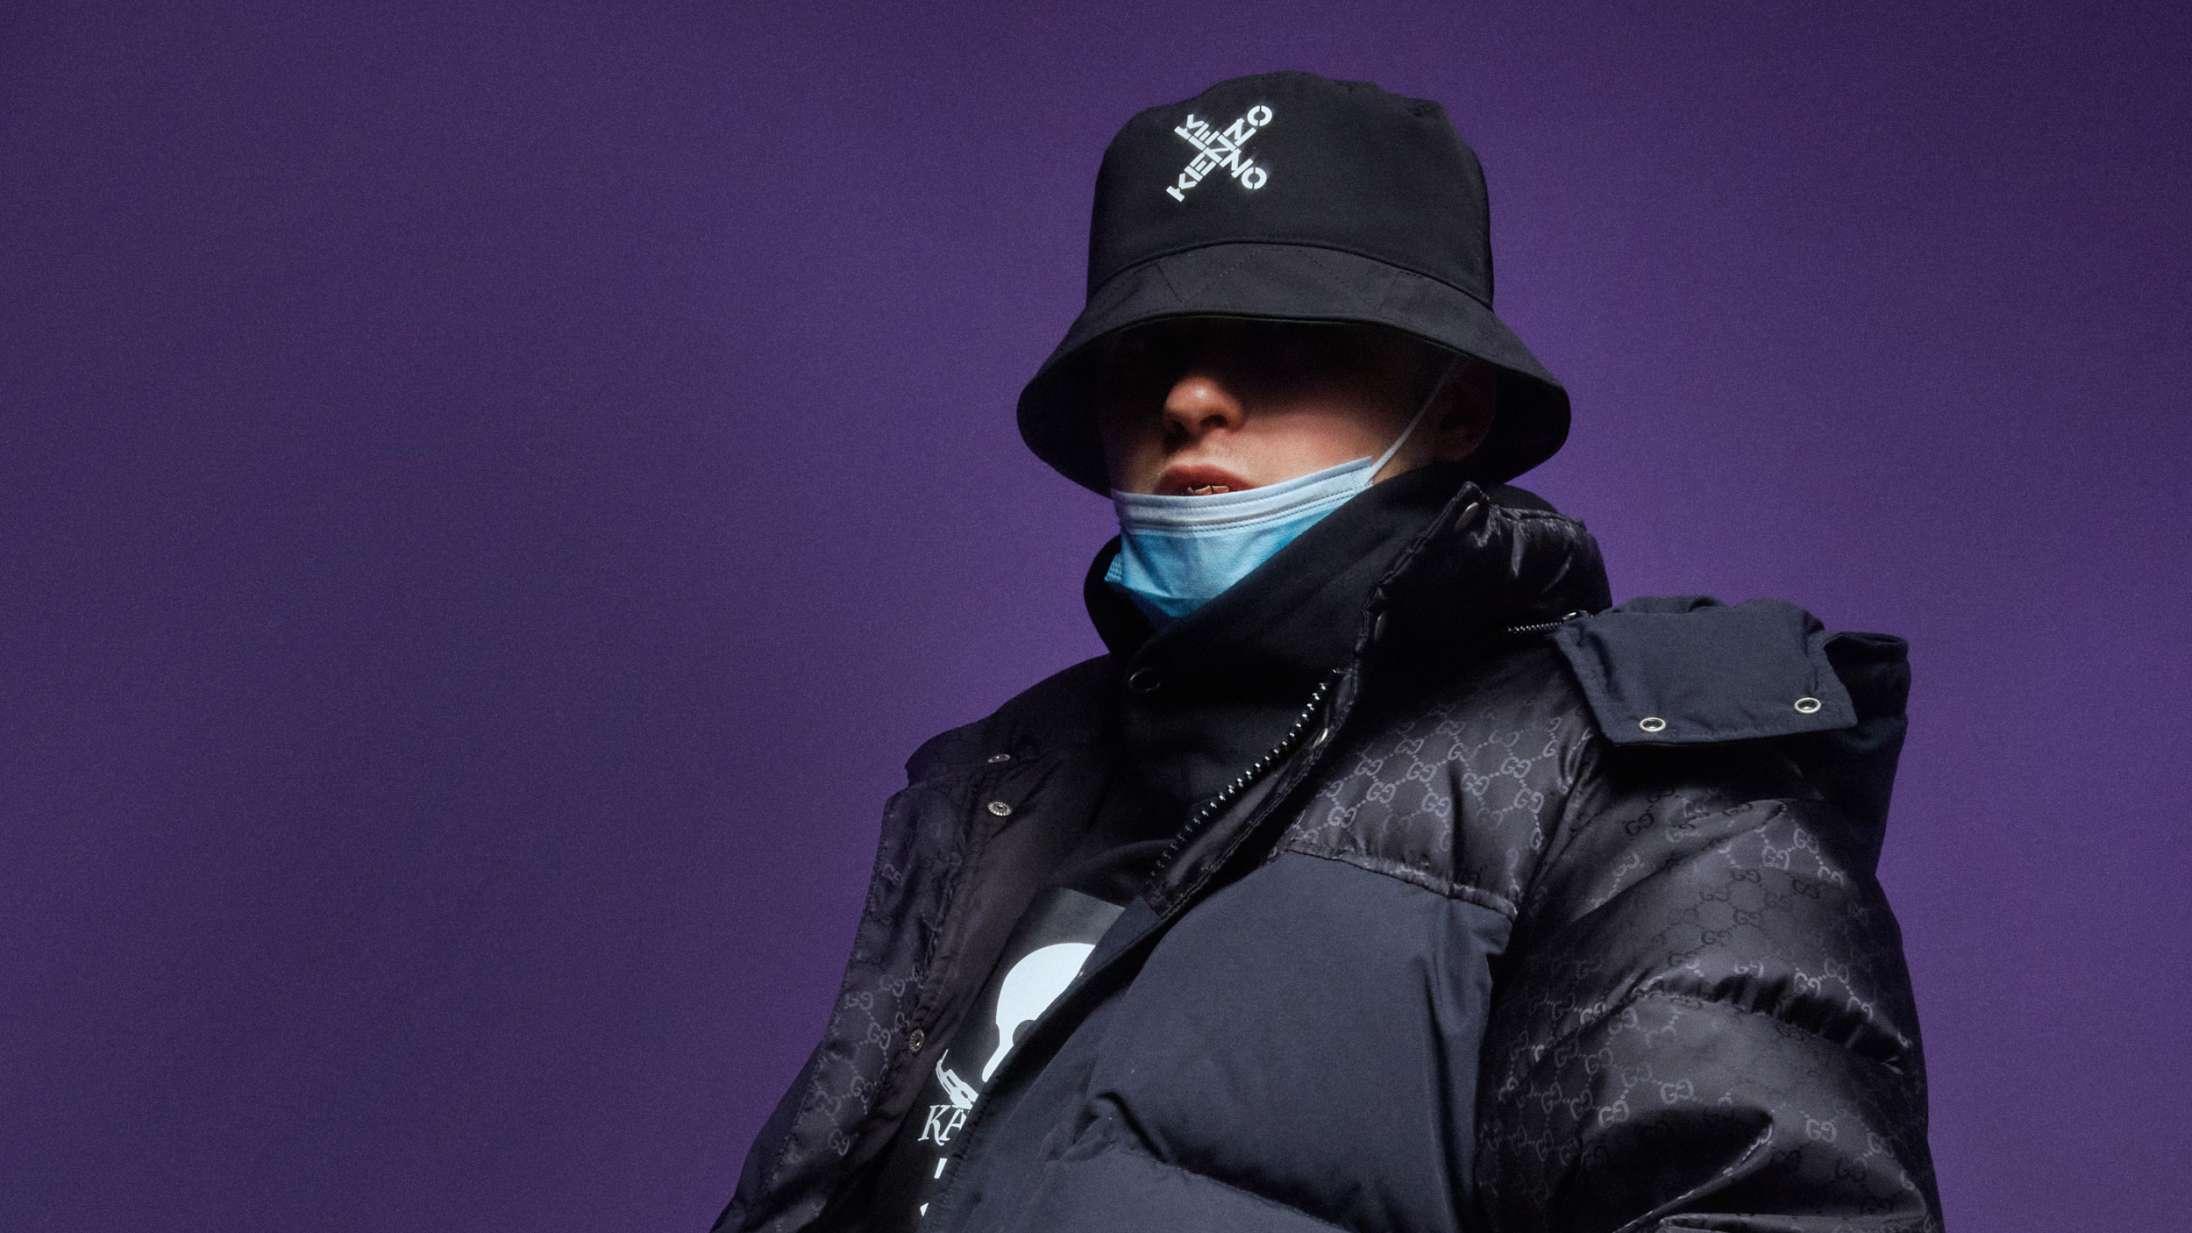 Miklo er kommet i fængsel – læs rapperens håndskrevne brev